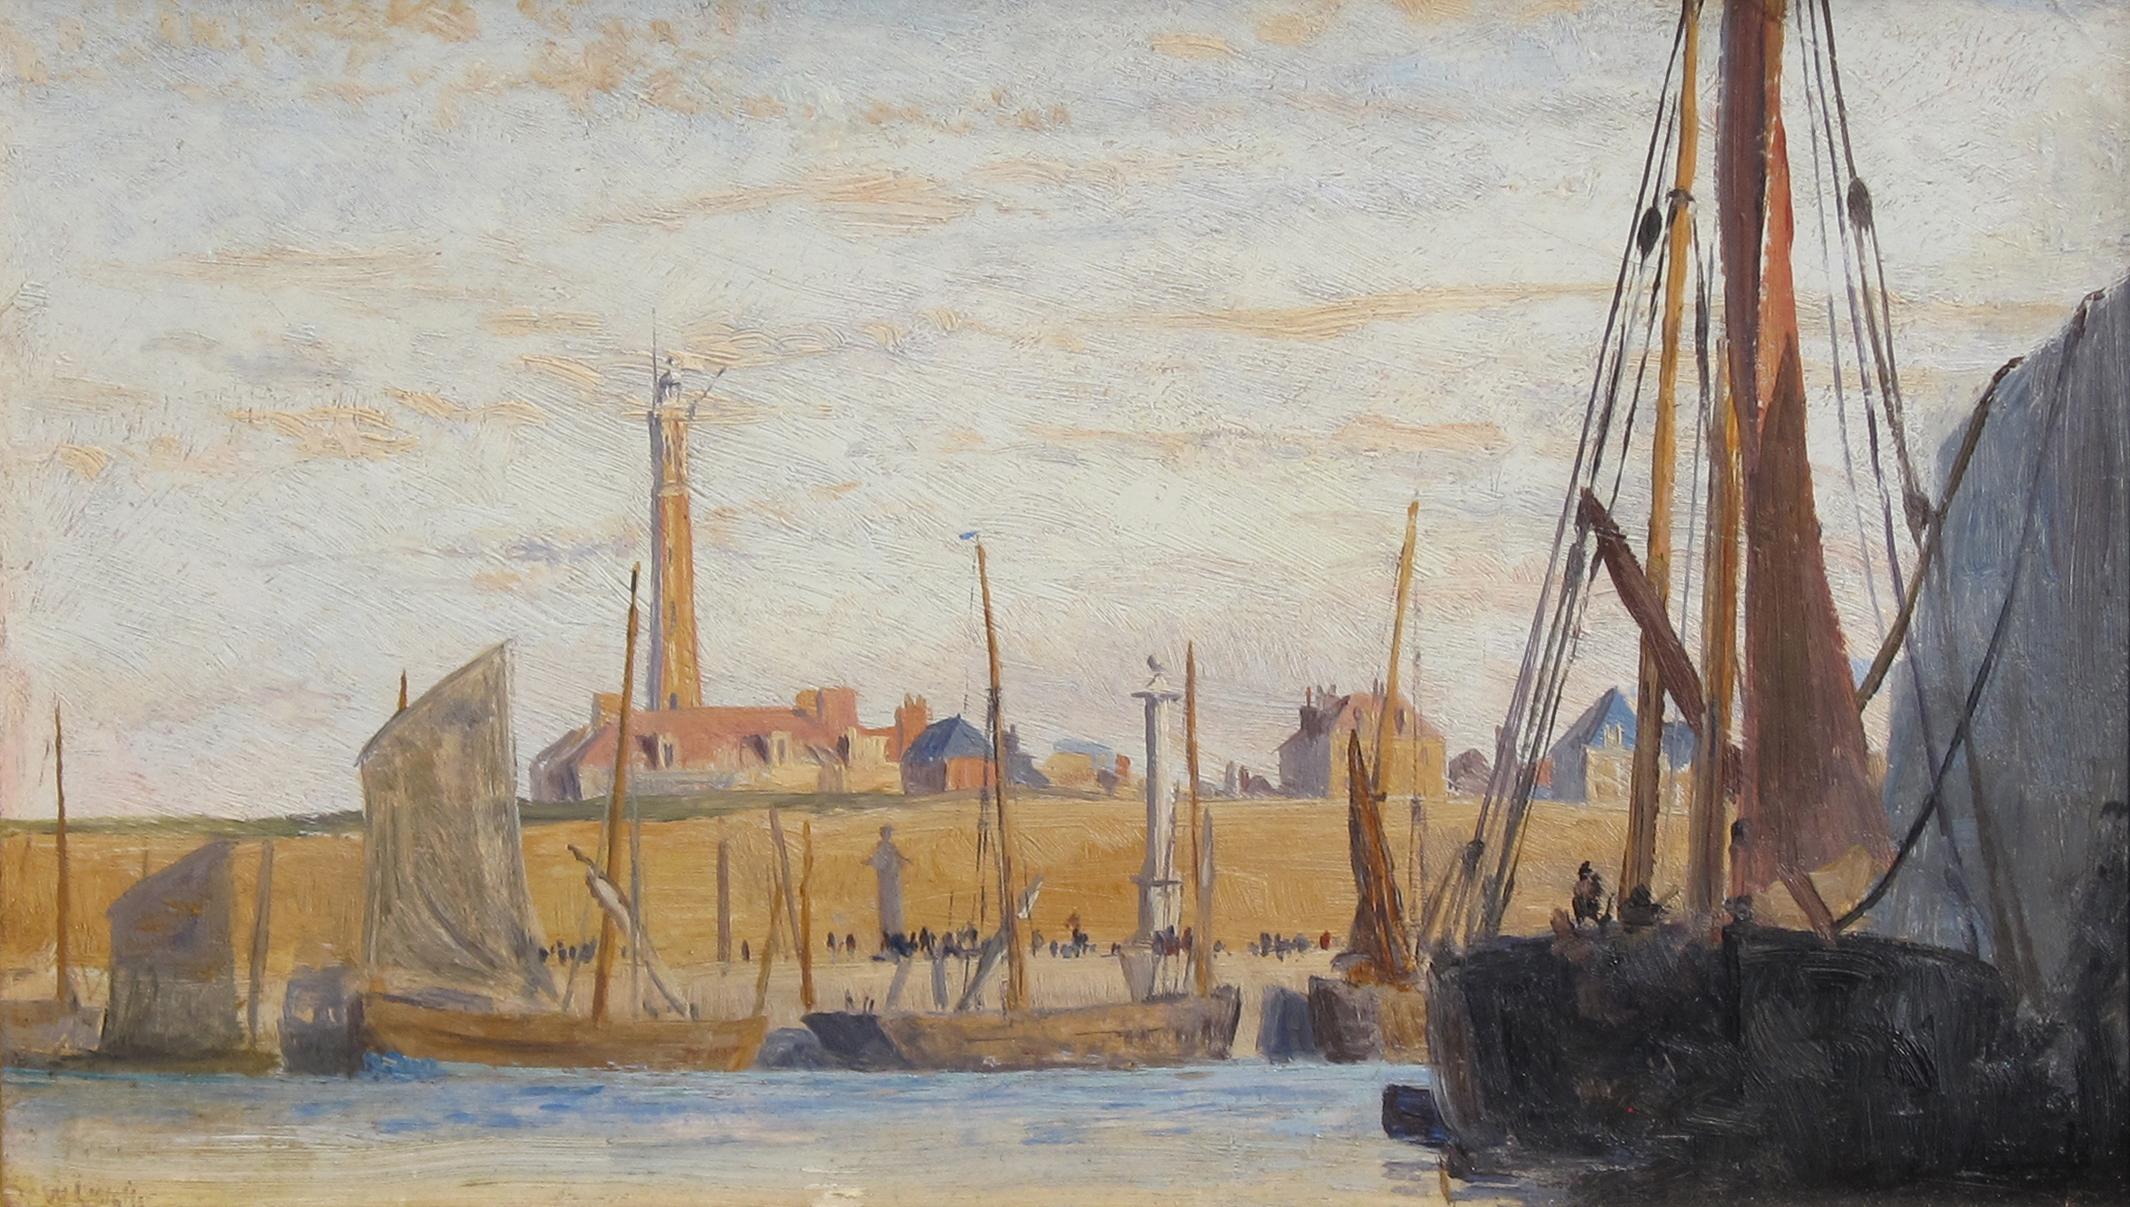 William Lionel Wyllie | Calais Harbor